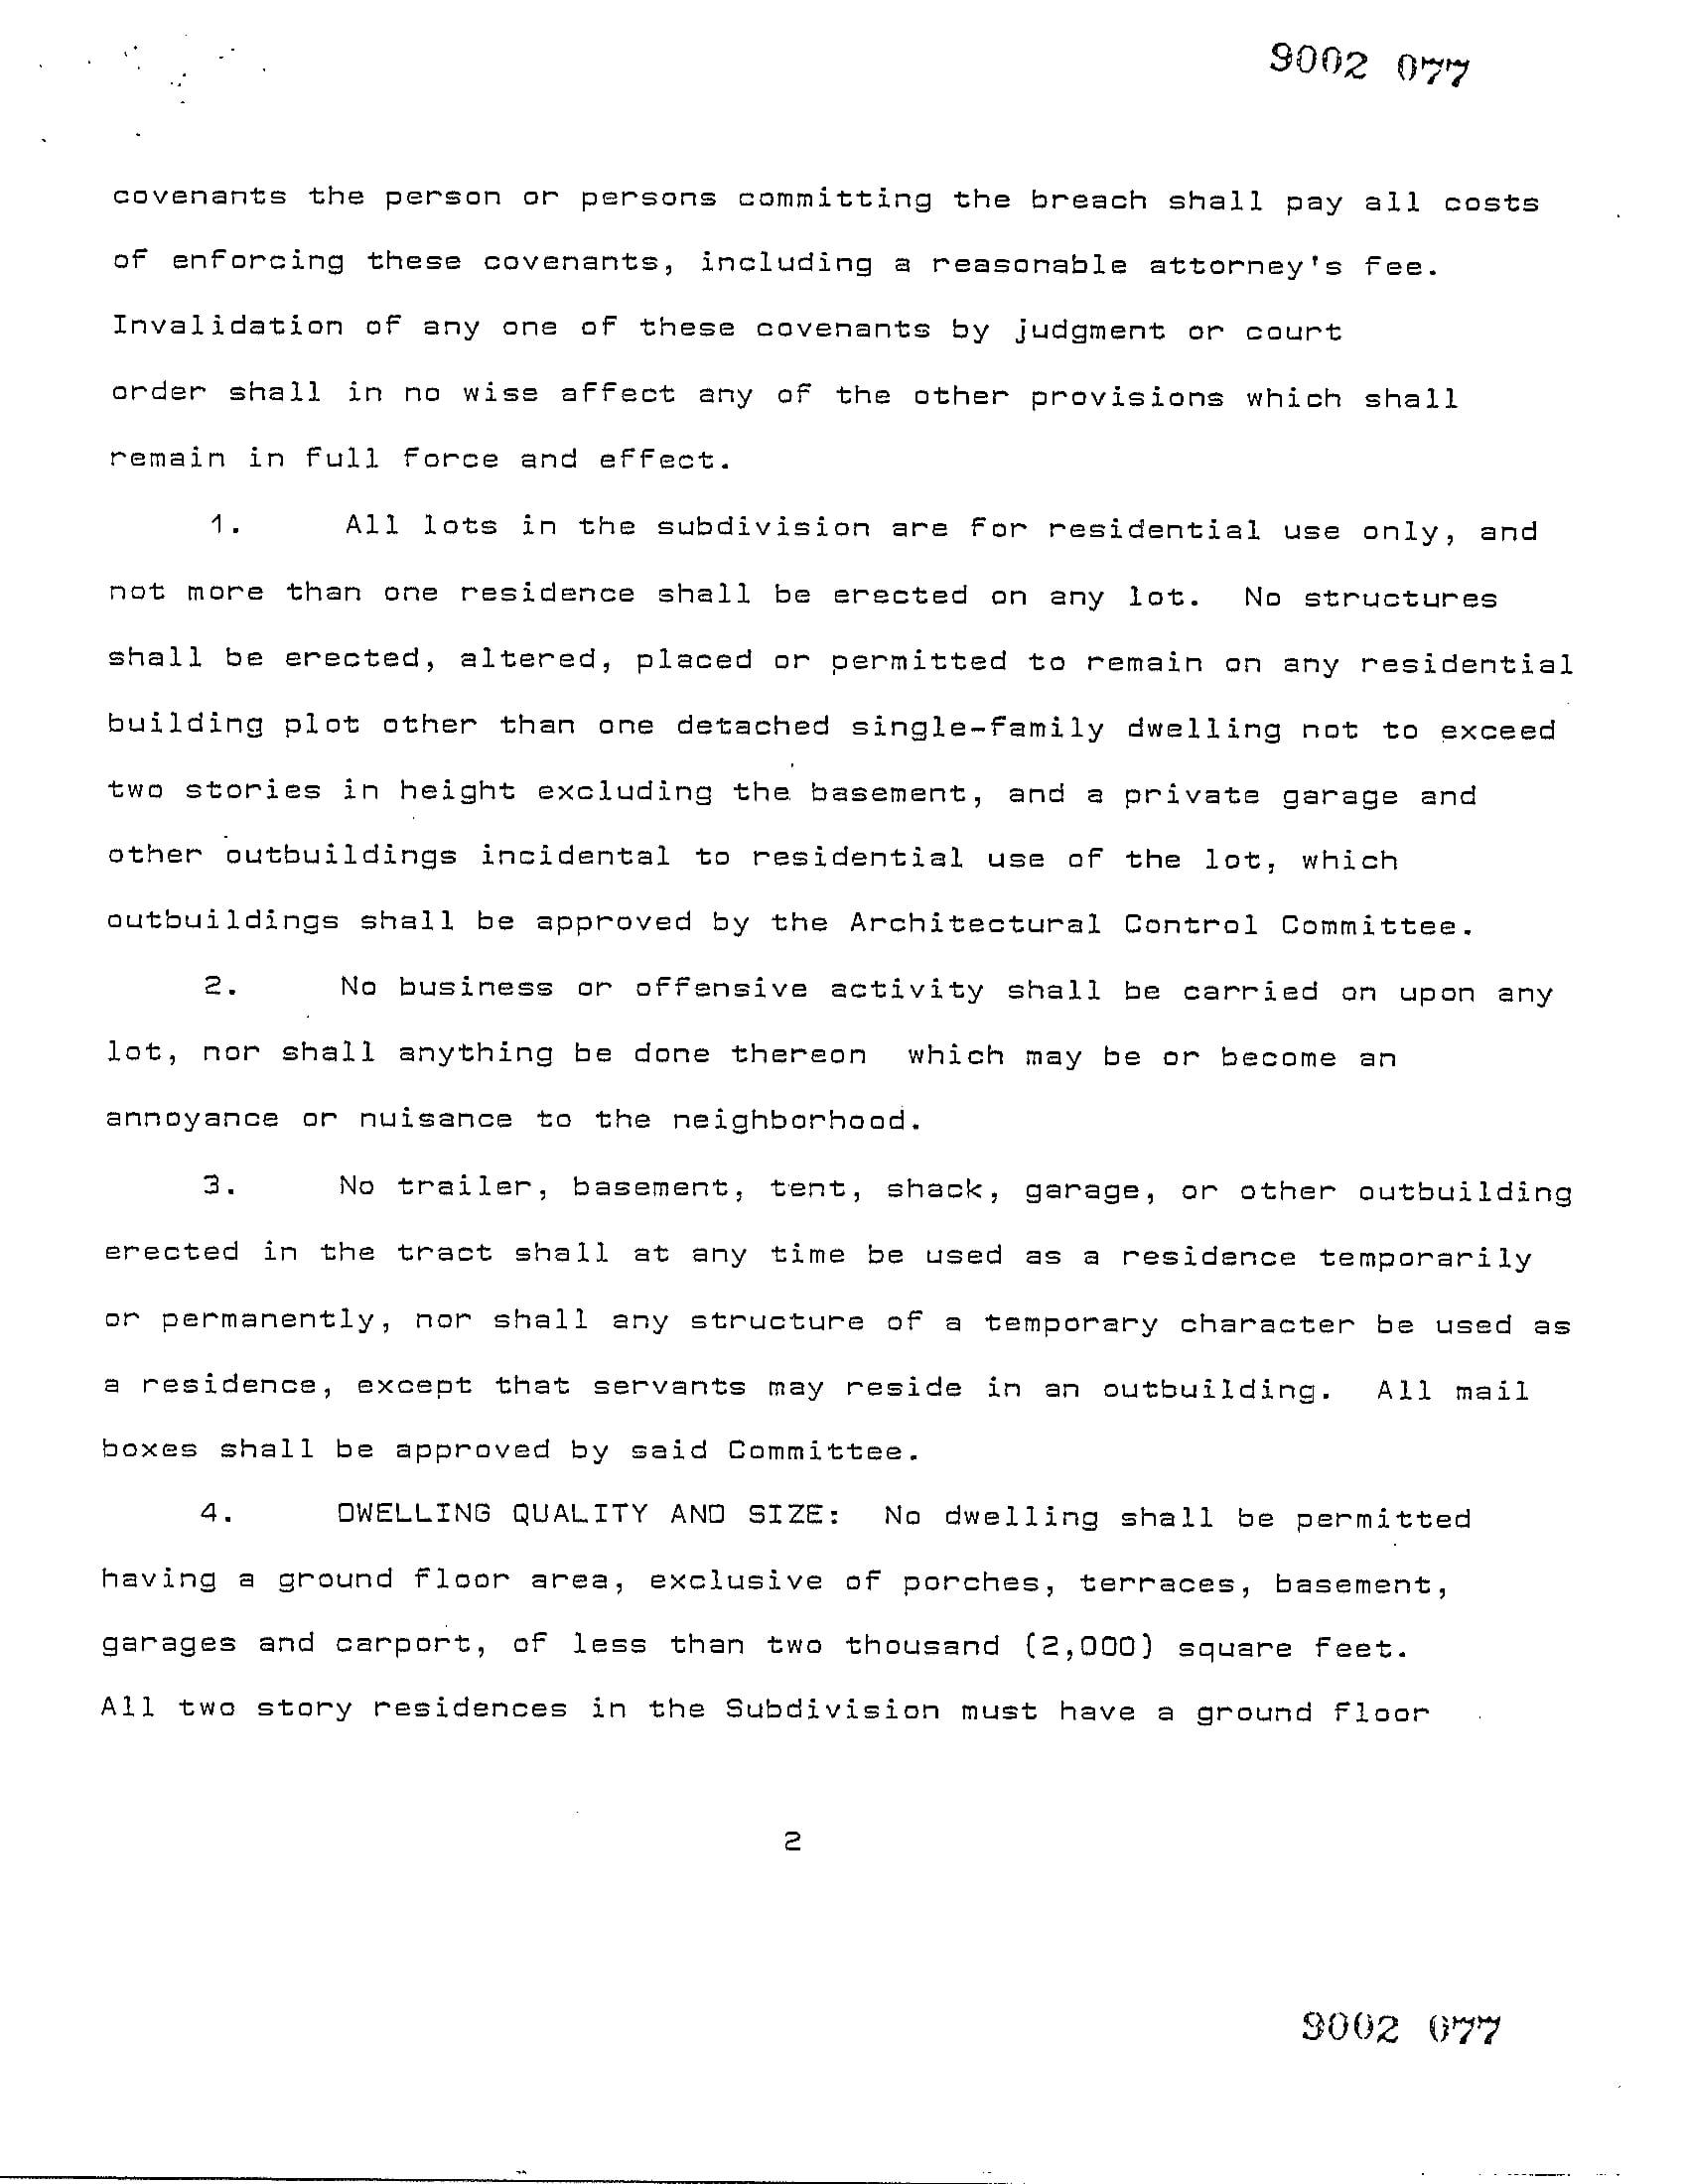 Covenants-Hunter-Point-2.jpg